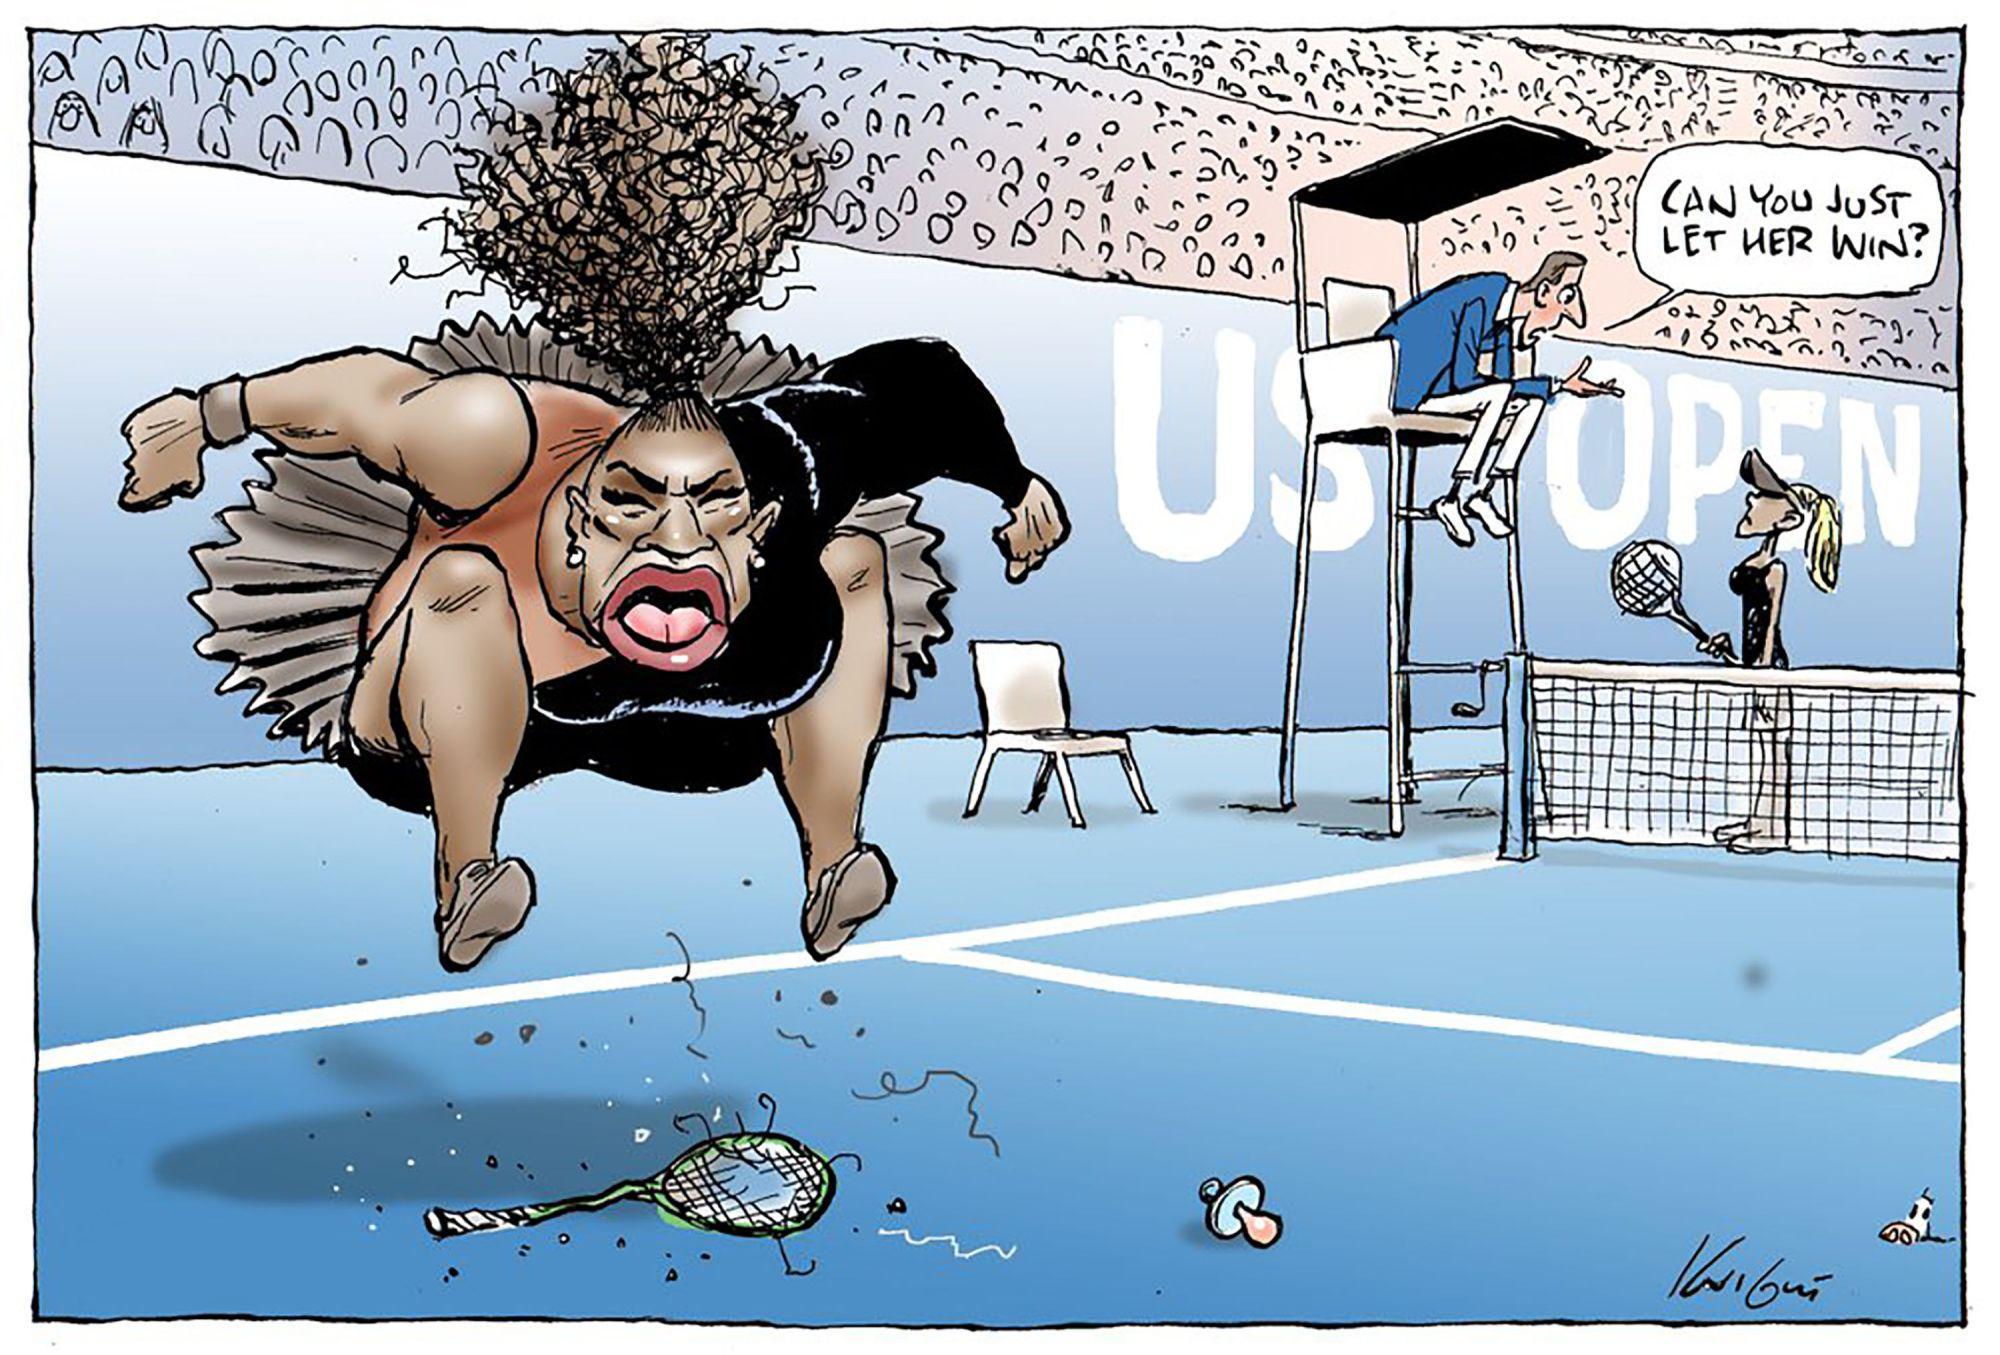 澳大利亚媒体把小威发怒画成了讽刺漫画。